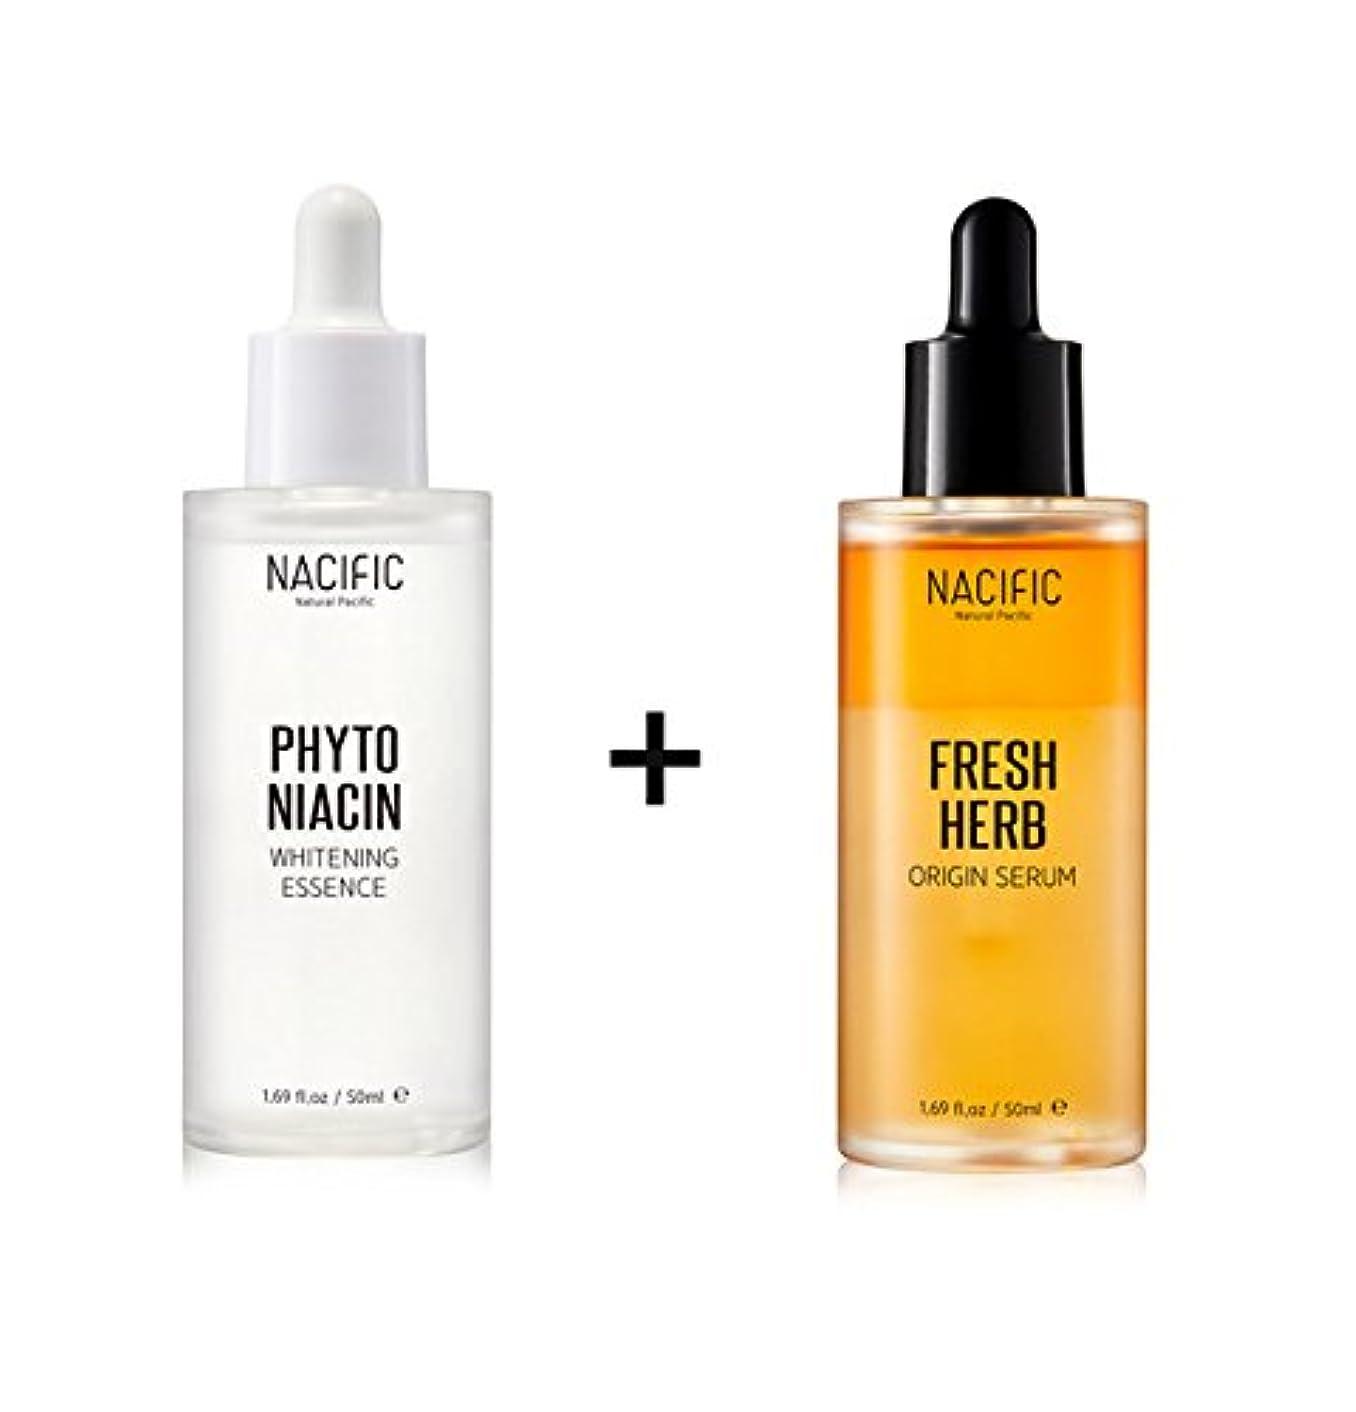 飛ぶバラバラにする共役[Renewal] NACIFIC Fresh Herb Origin Serum 50ml + Phyto Niacin Whitening Essence 50ml/ナシフィック フレッシュ ハーブ オリジン セラム...